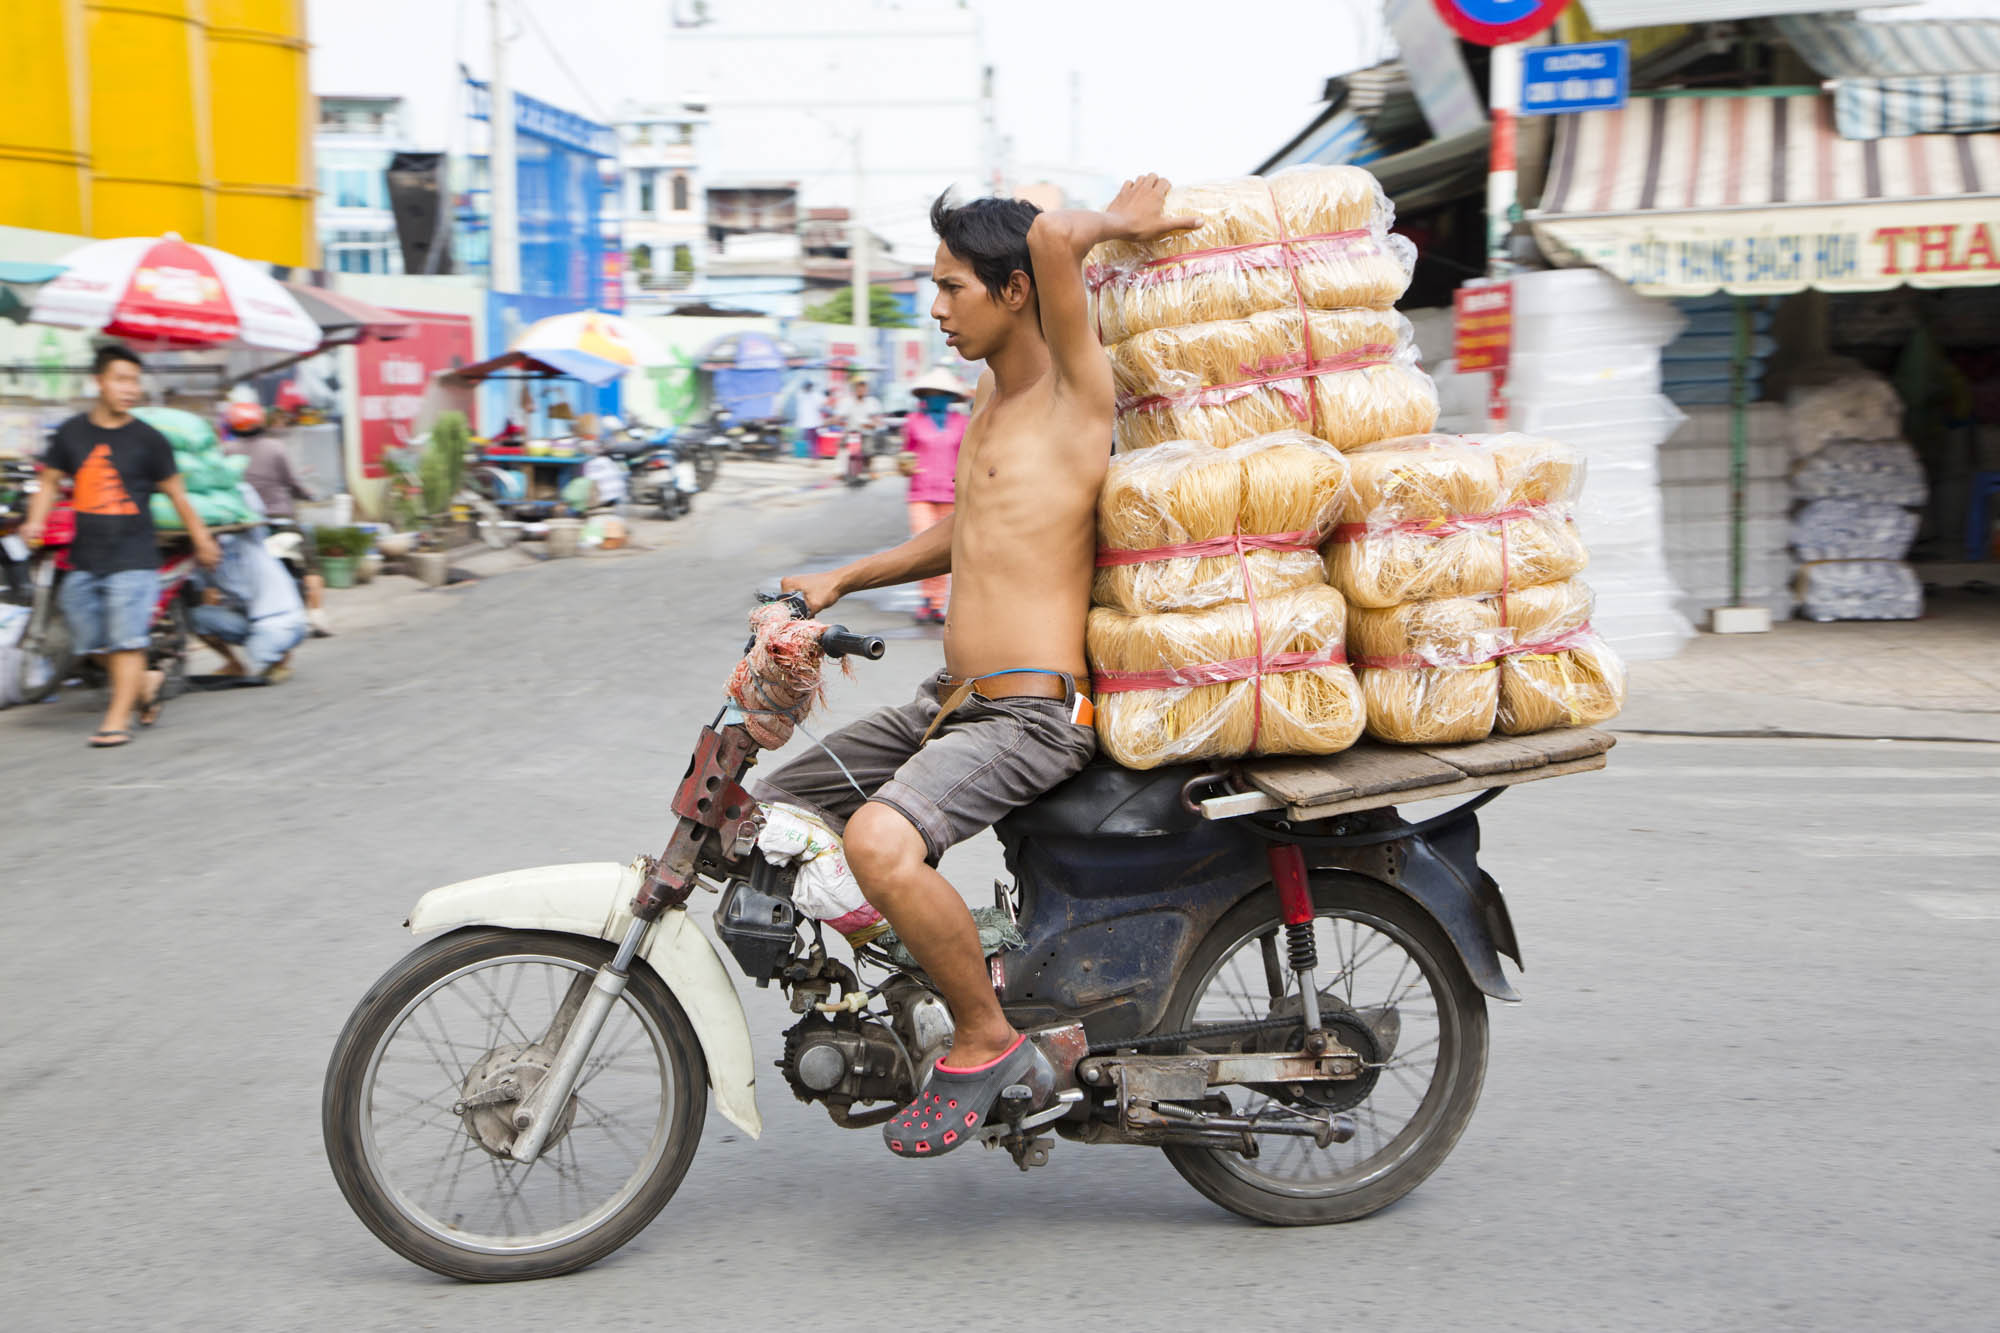 Asien, Vietnam, Saigon, Ho Chi Minh Stadt,